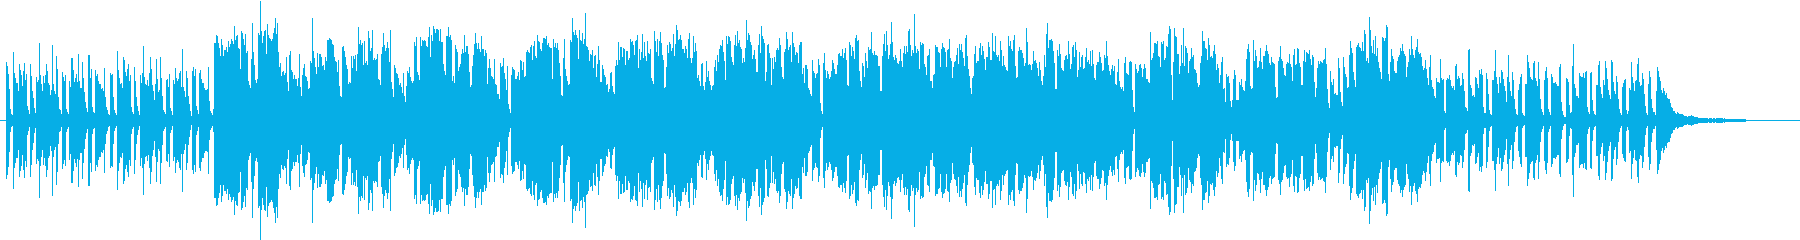 ピアノとフルートのオシャレなブルースの再生済みの波形